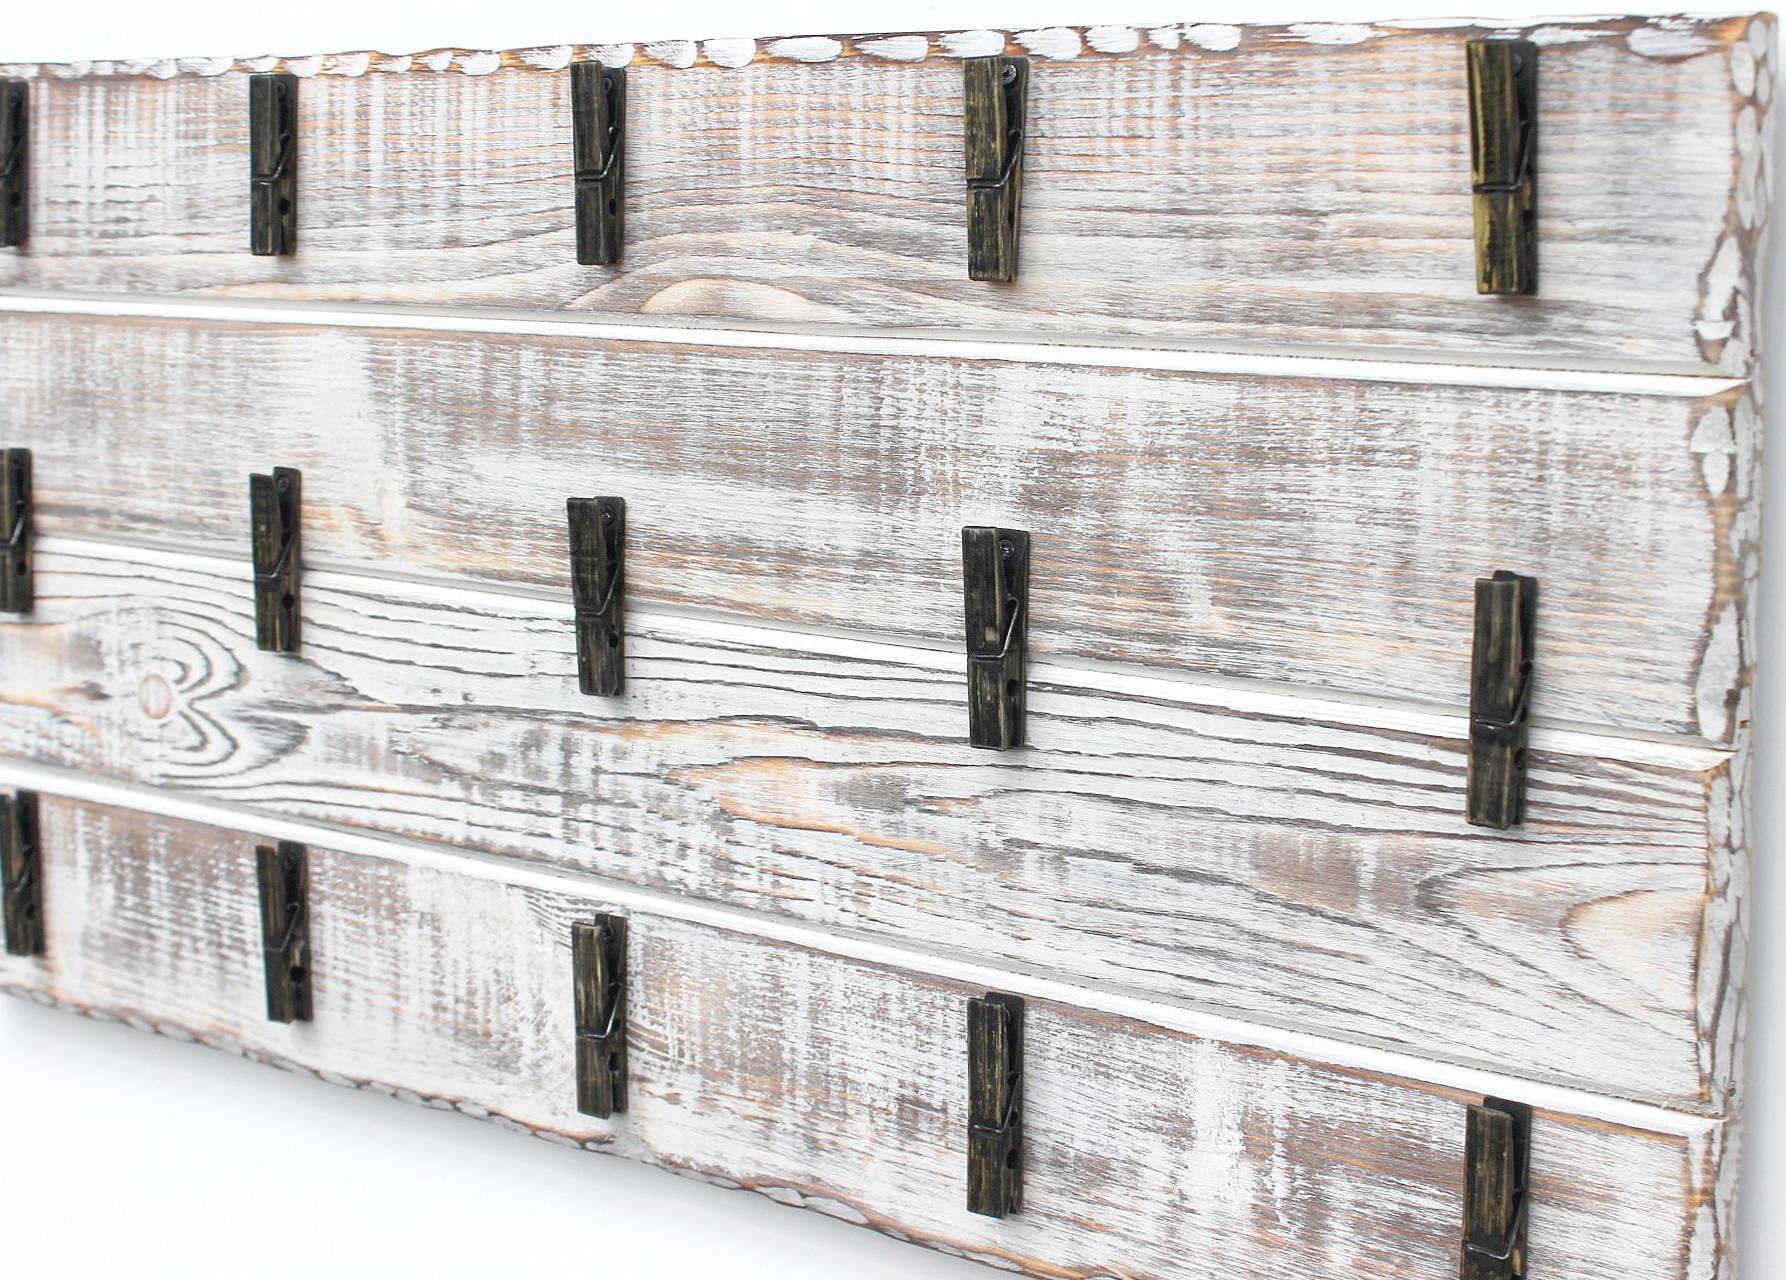 Full Size of Pinnwand Küche Dandibo Memoboard Holz Wei Wandorganizer Mit 15 Klammern 2101 Pantryküche Kühlschrank Wandfliesen Sitzgruppe Sideboard Essplatz Rollwagen Wohnzimmer Pinnwand Küche